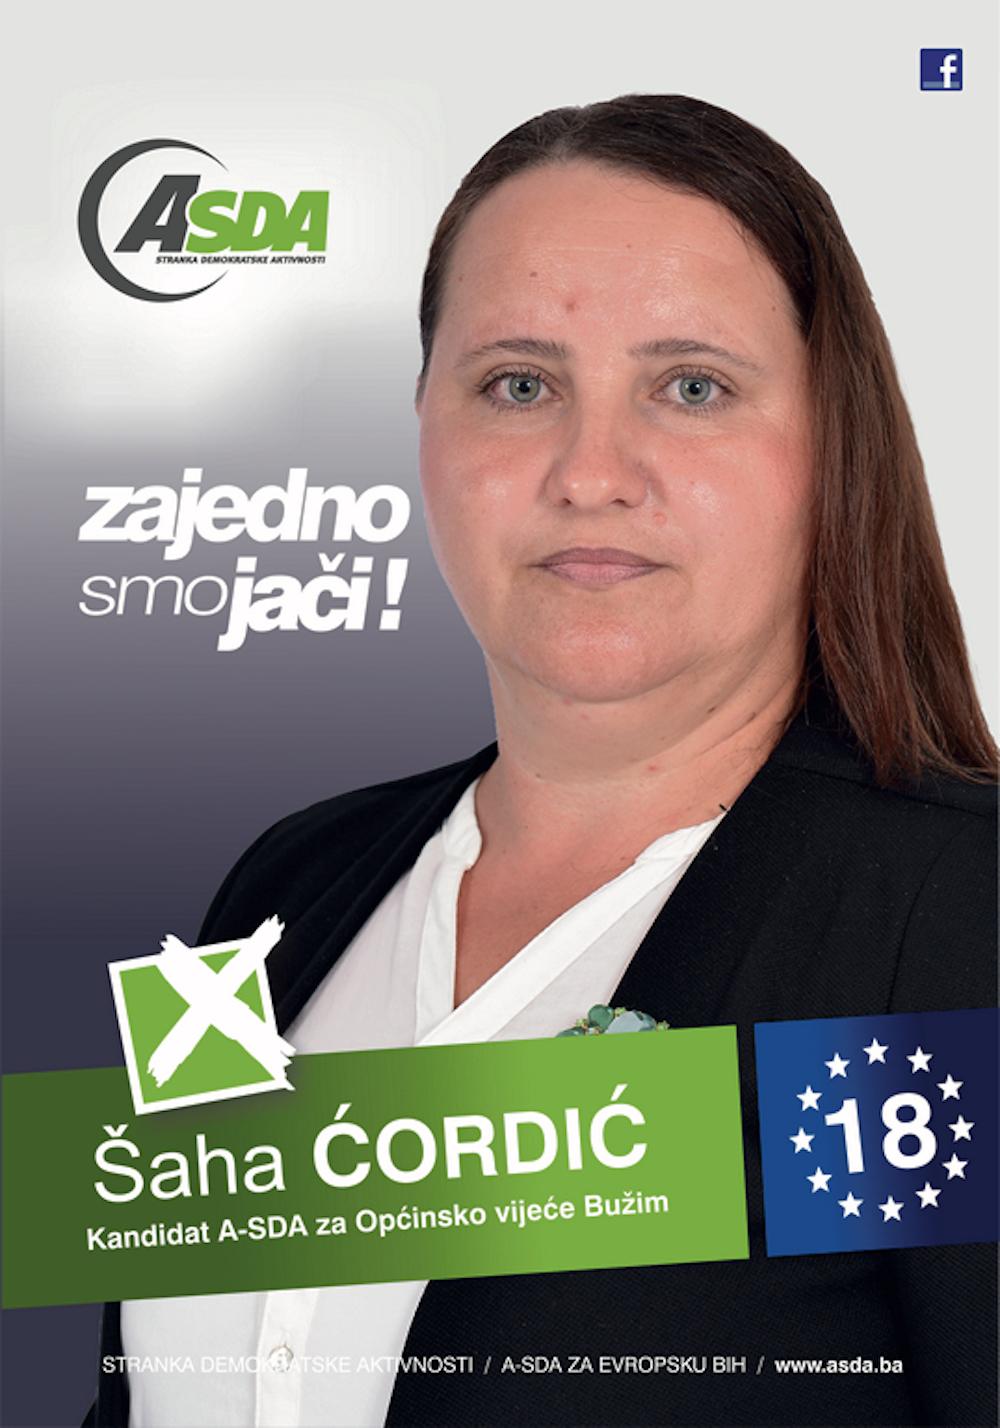 Šaha Ćordić